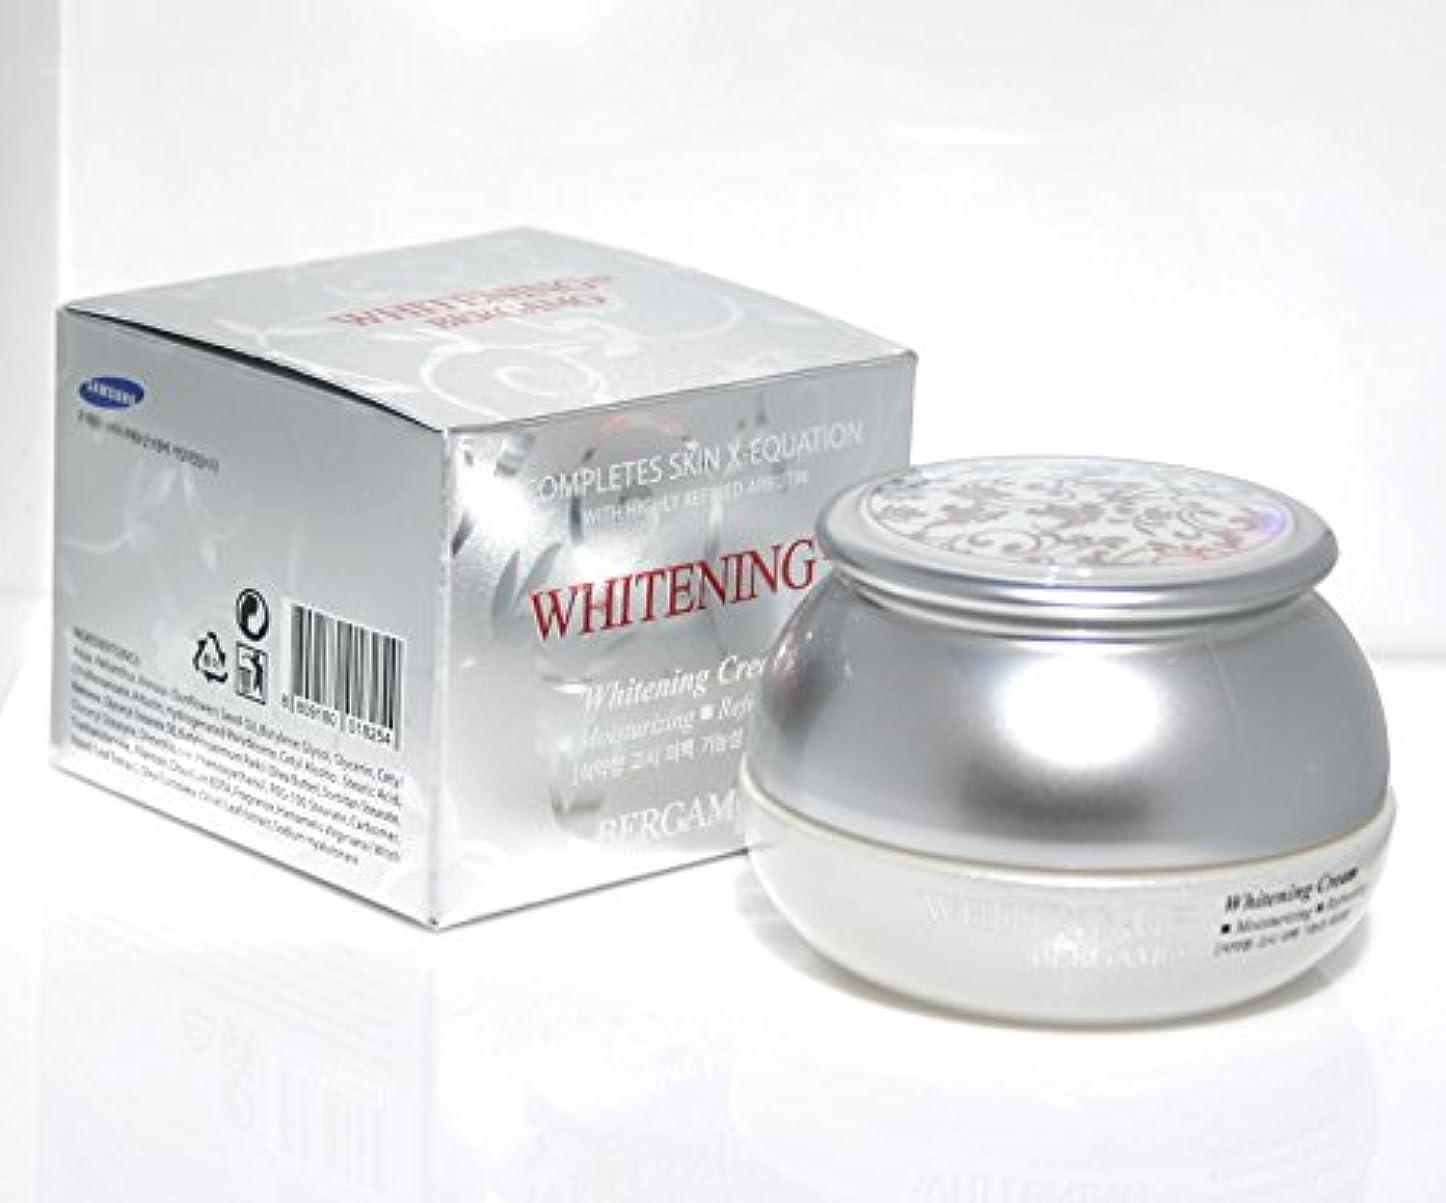 リレー工夫する過ち【ベルガモ][Bergamo]  は、高度に精製アルブチンホワイトニング例クリーム50g /  Completes Skin X-equation with Highly Refined Albutin Whitening...